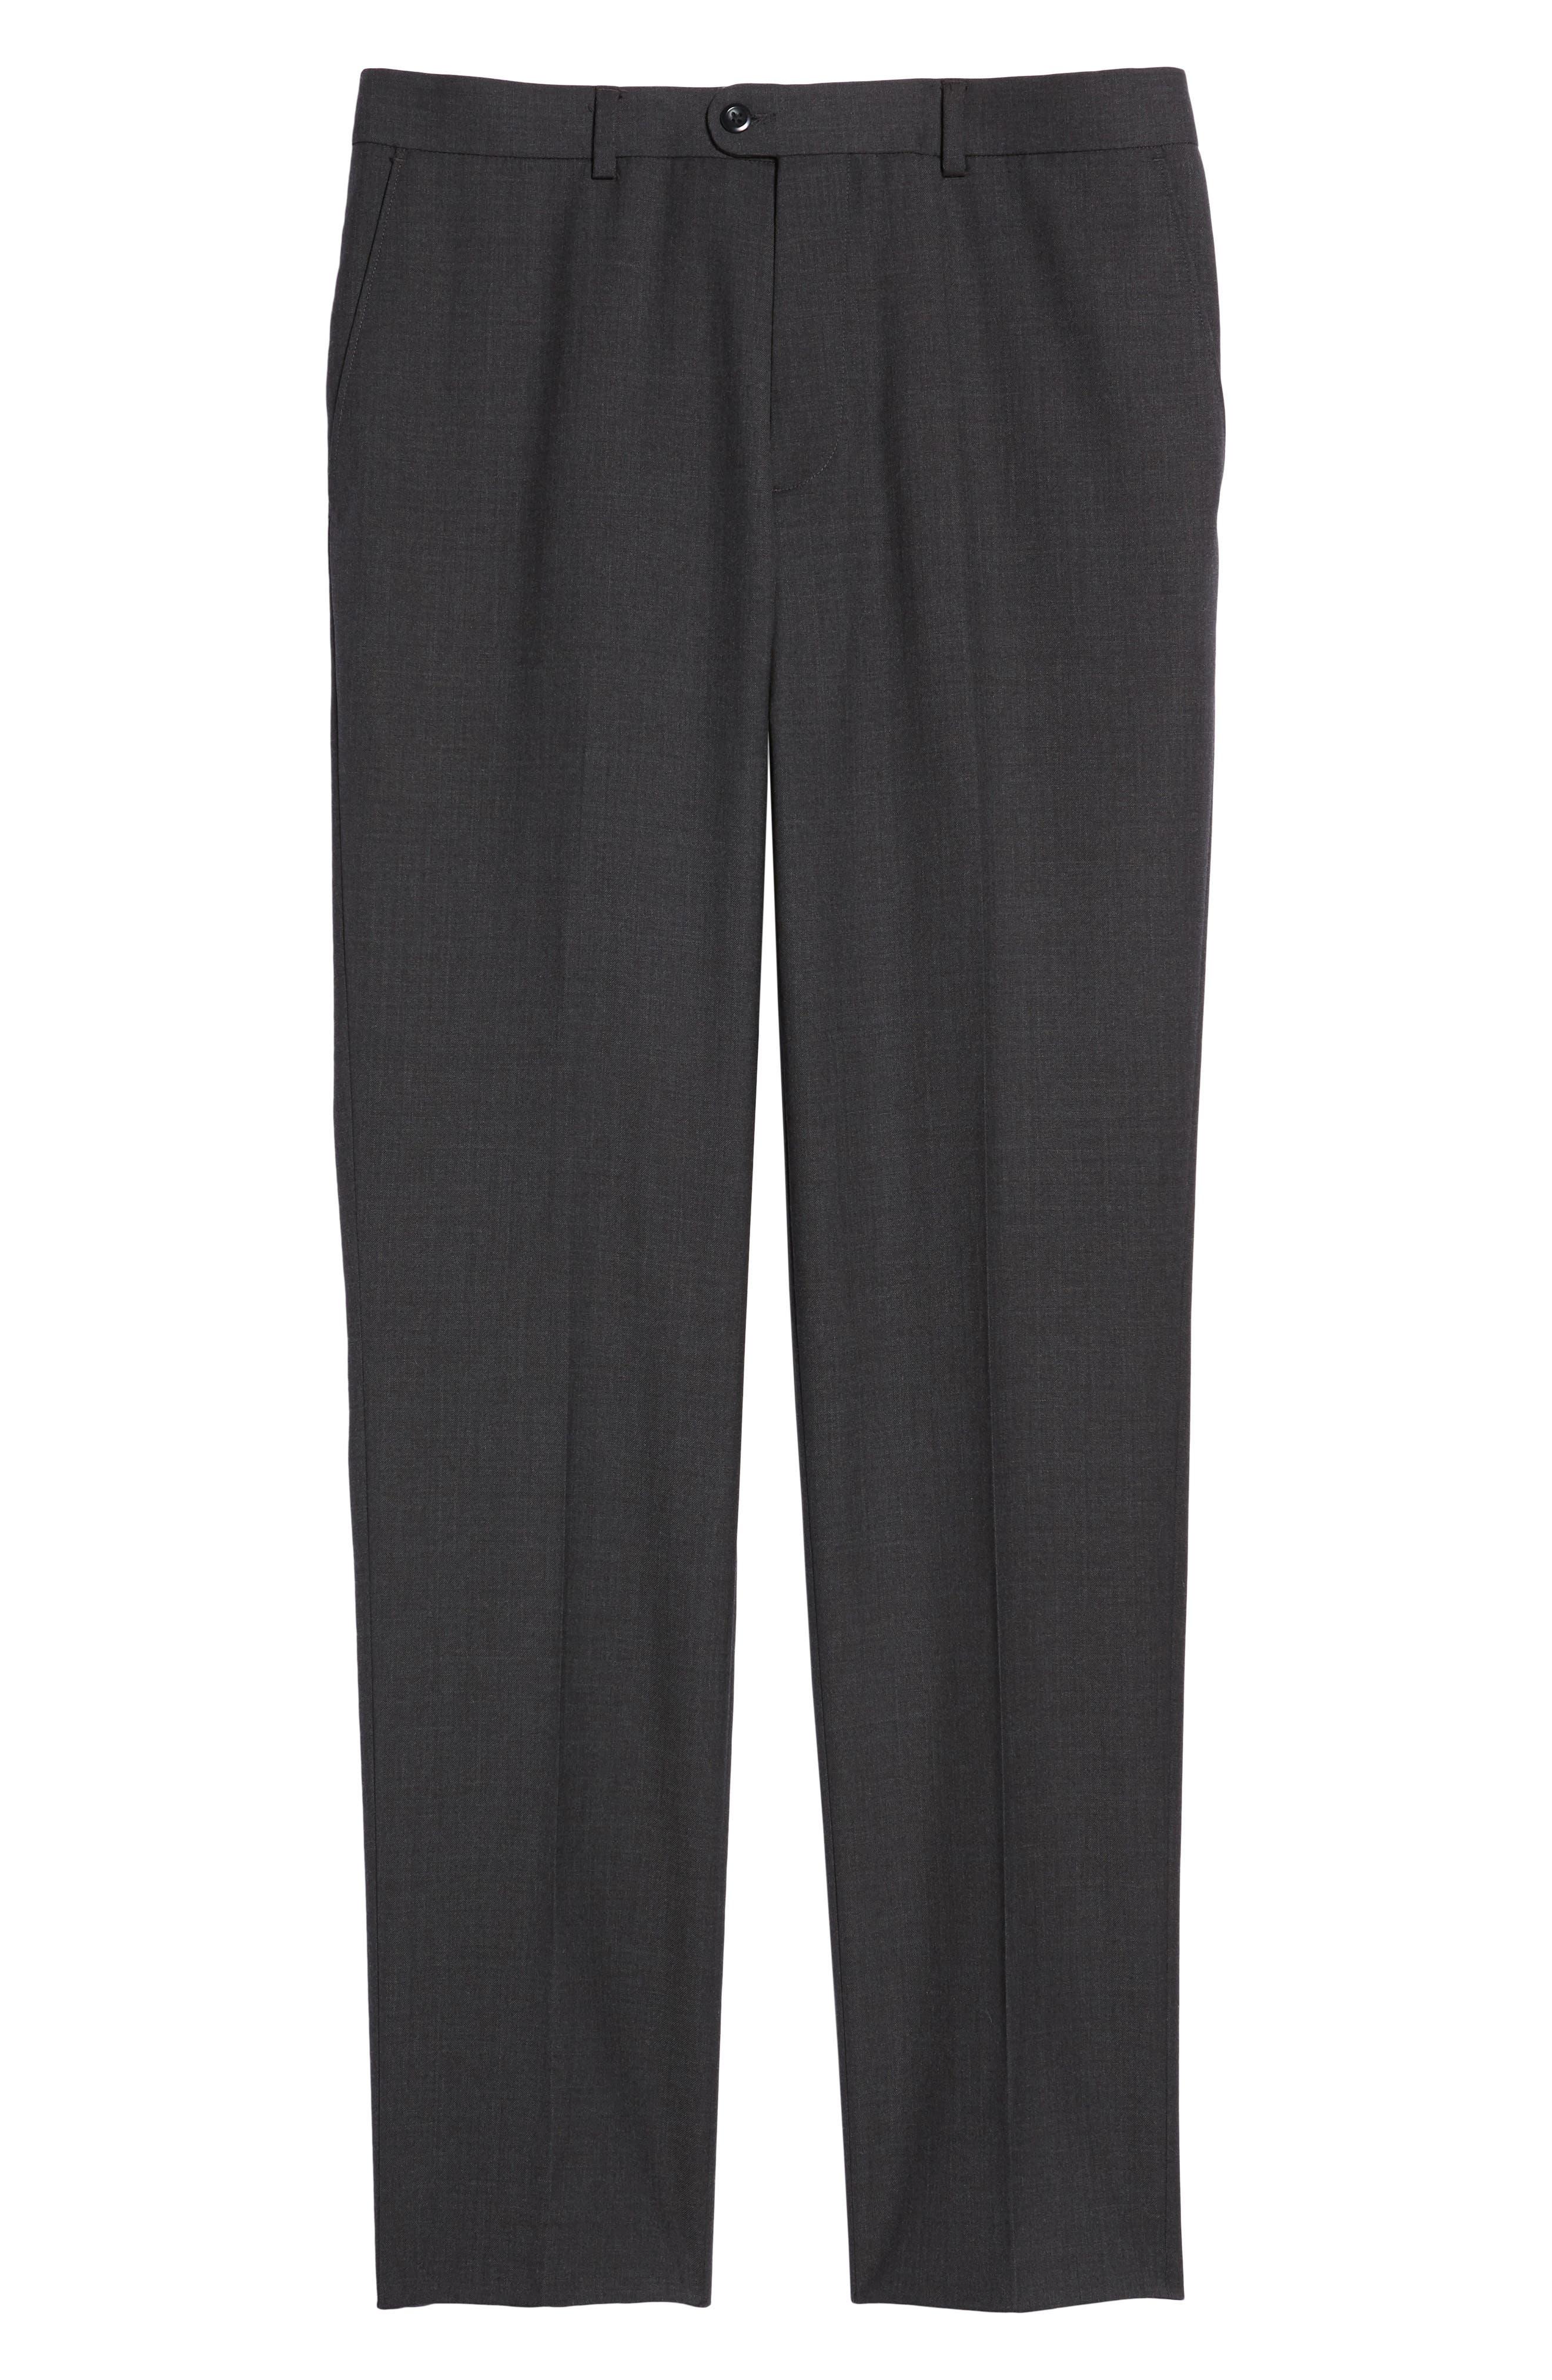 Gab Trim Fit Flat Front Pants,                             Alternate thumbnail 6, color,                             002